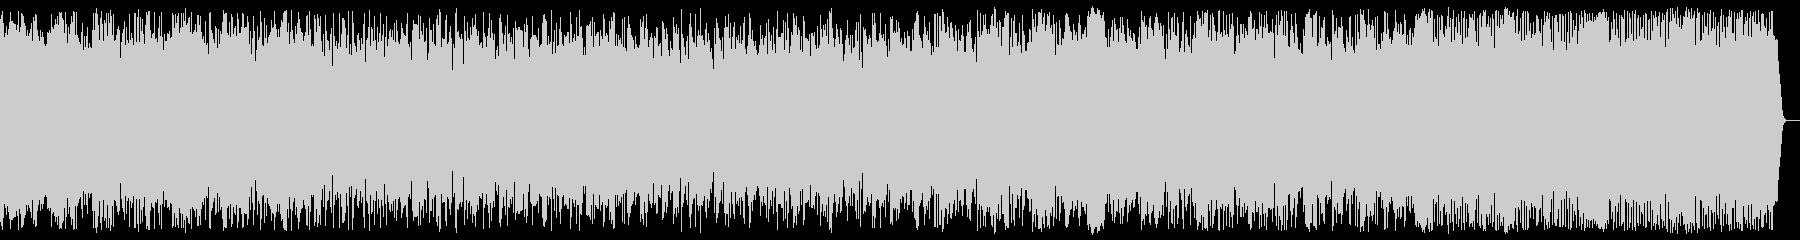 アグレッシブなロックコントラバスボ...の未再生の波形